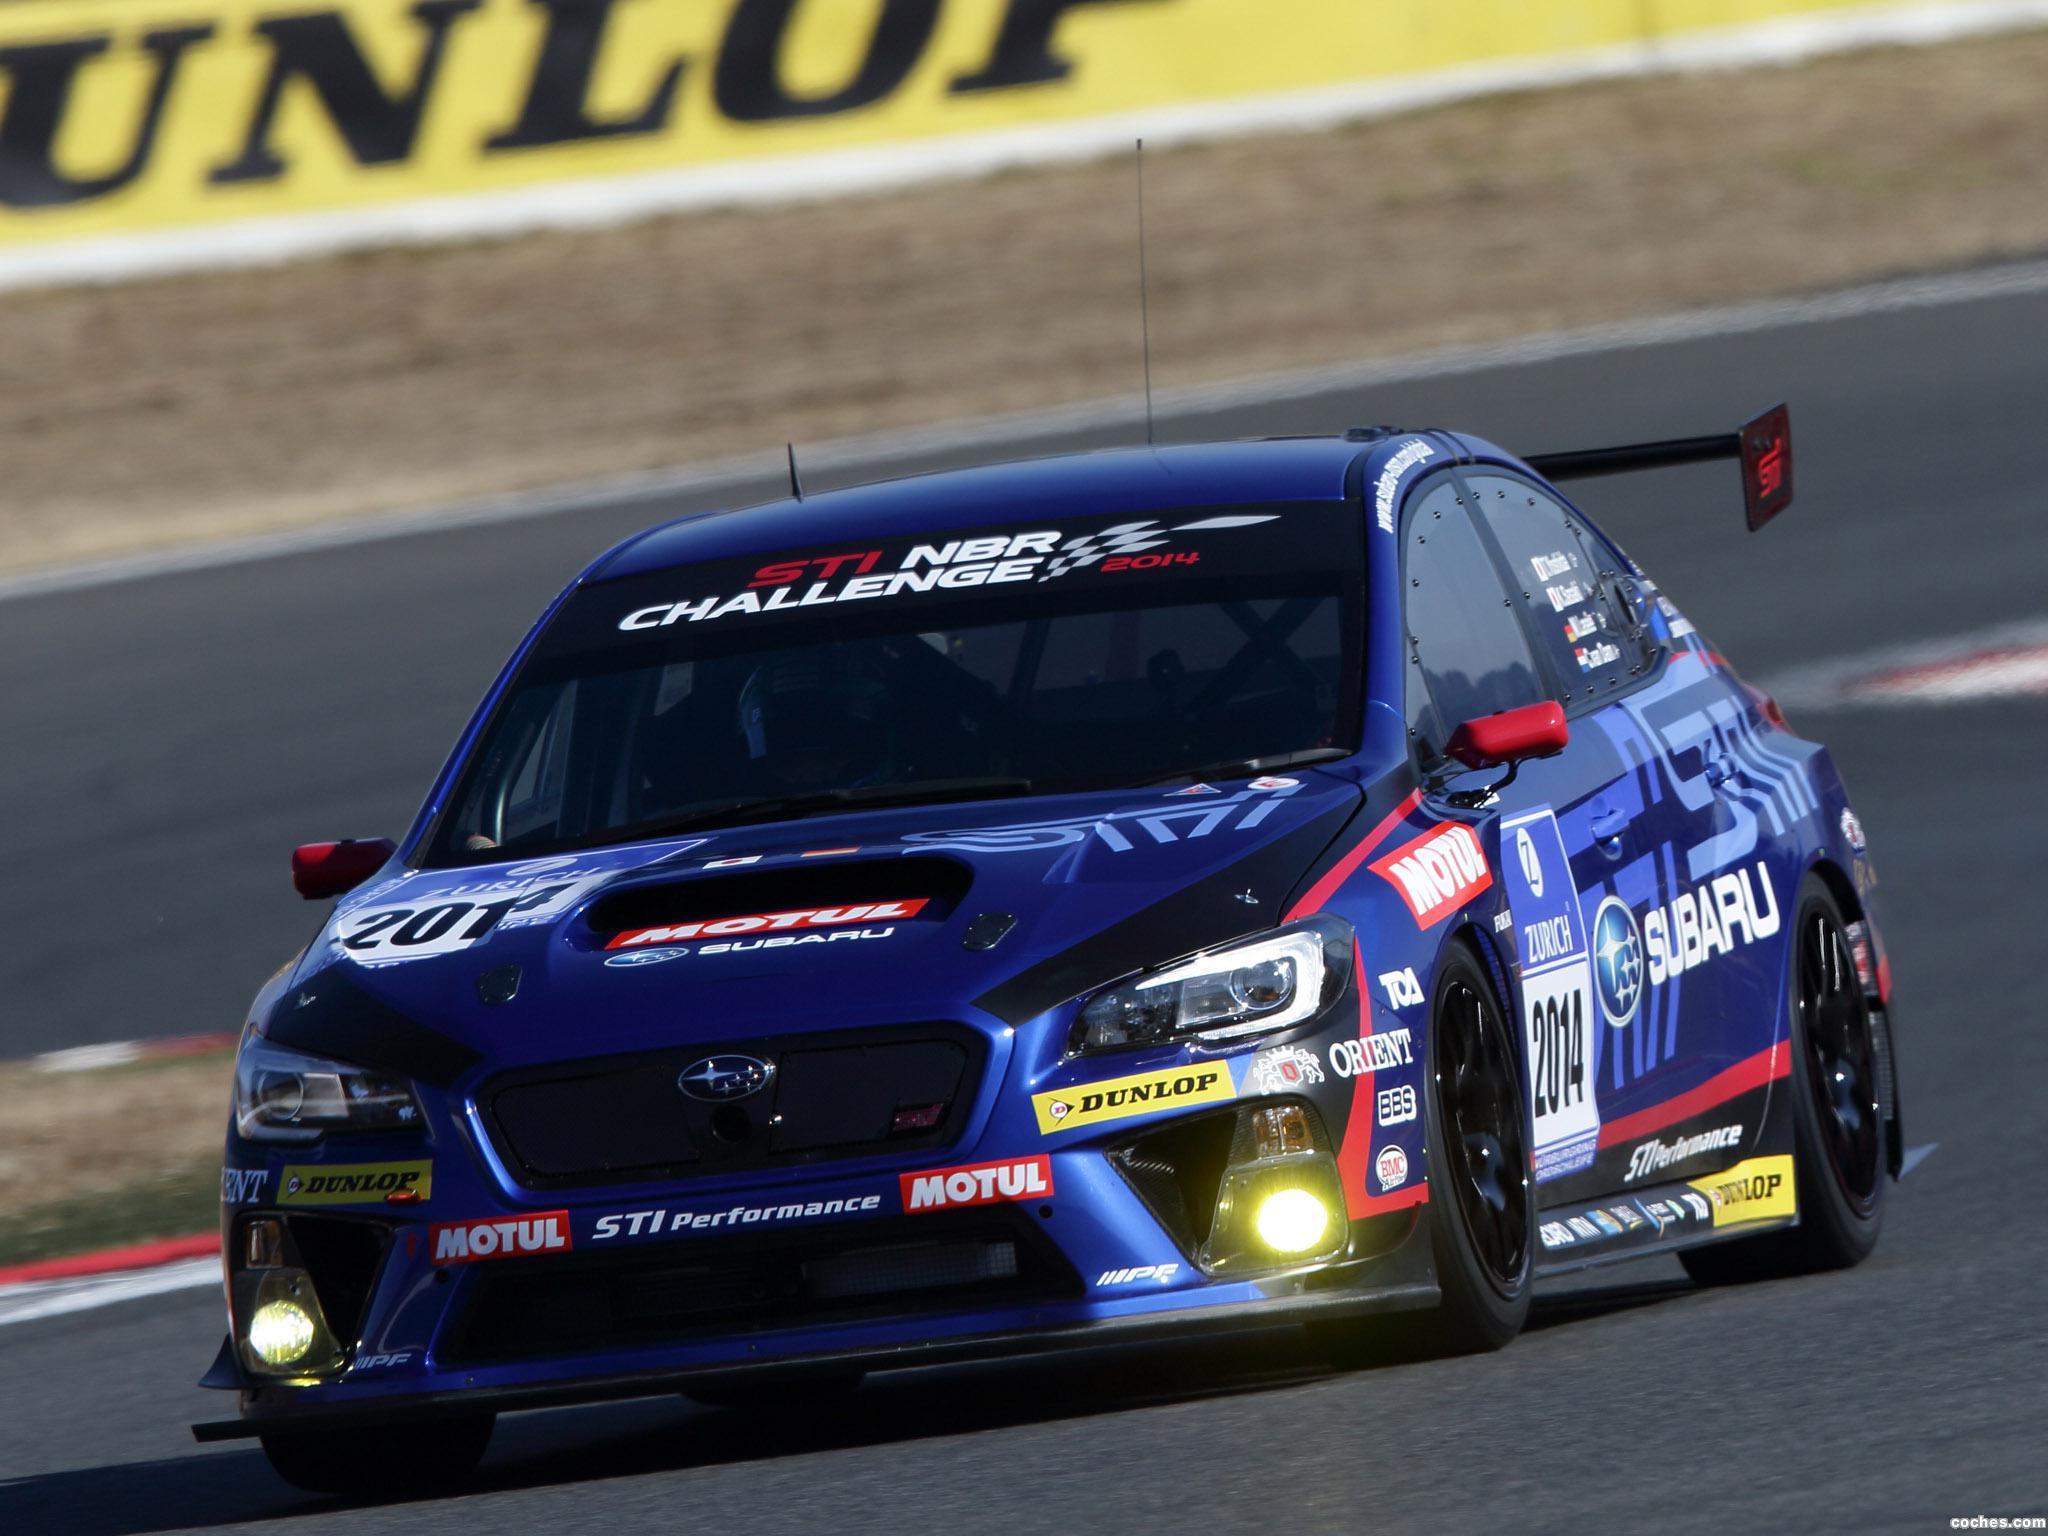 Foto 6 de Subaru WRX STI Race Car 2014